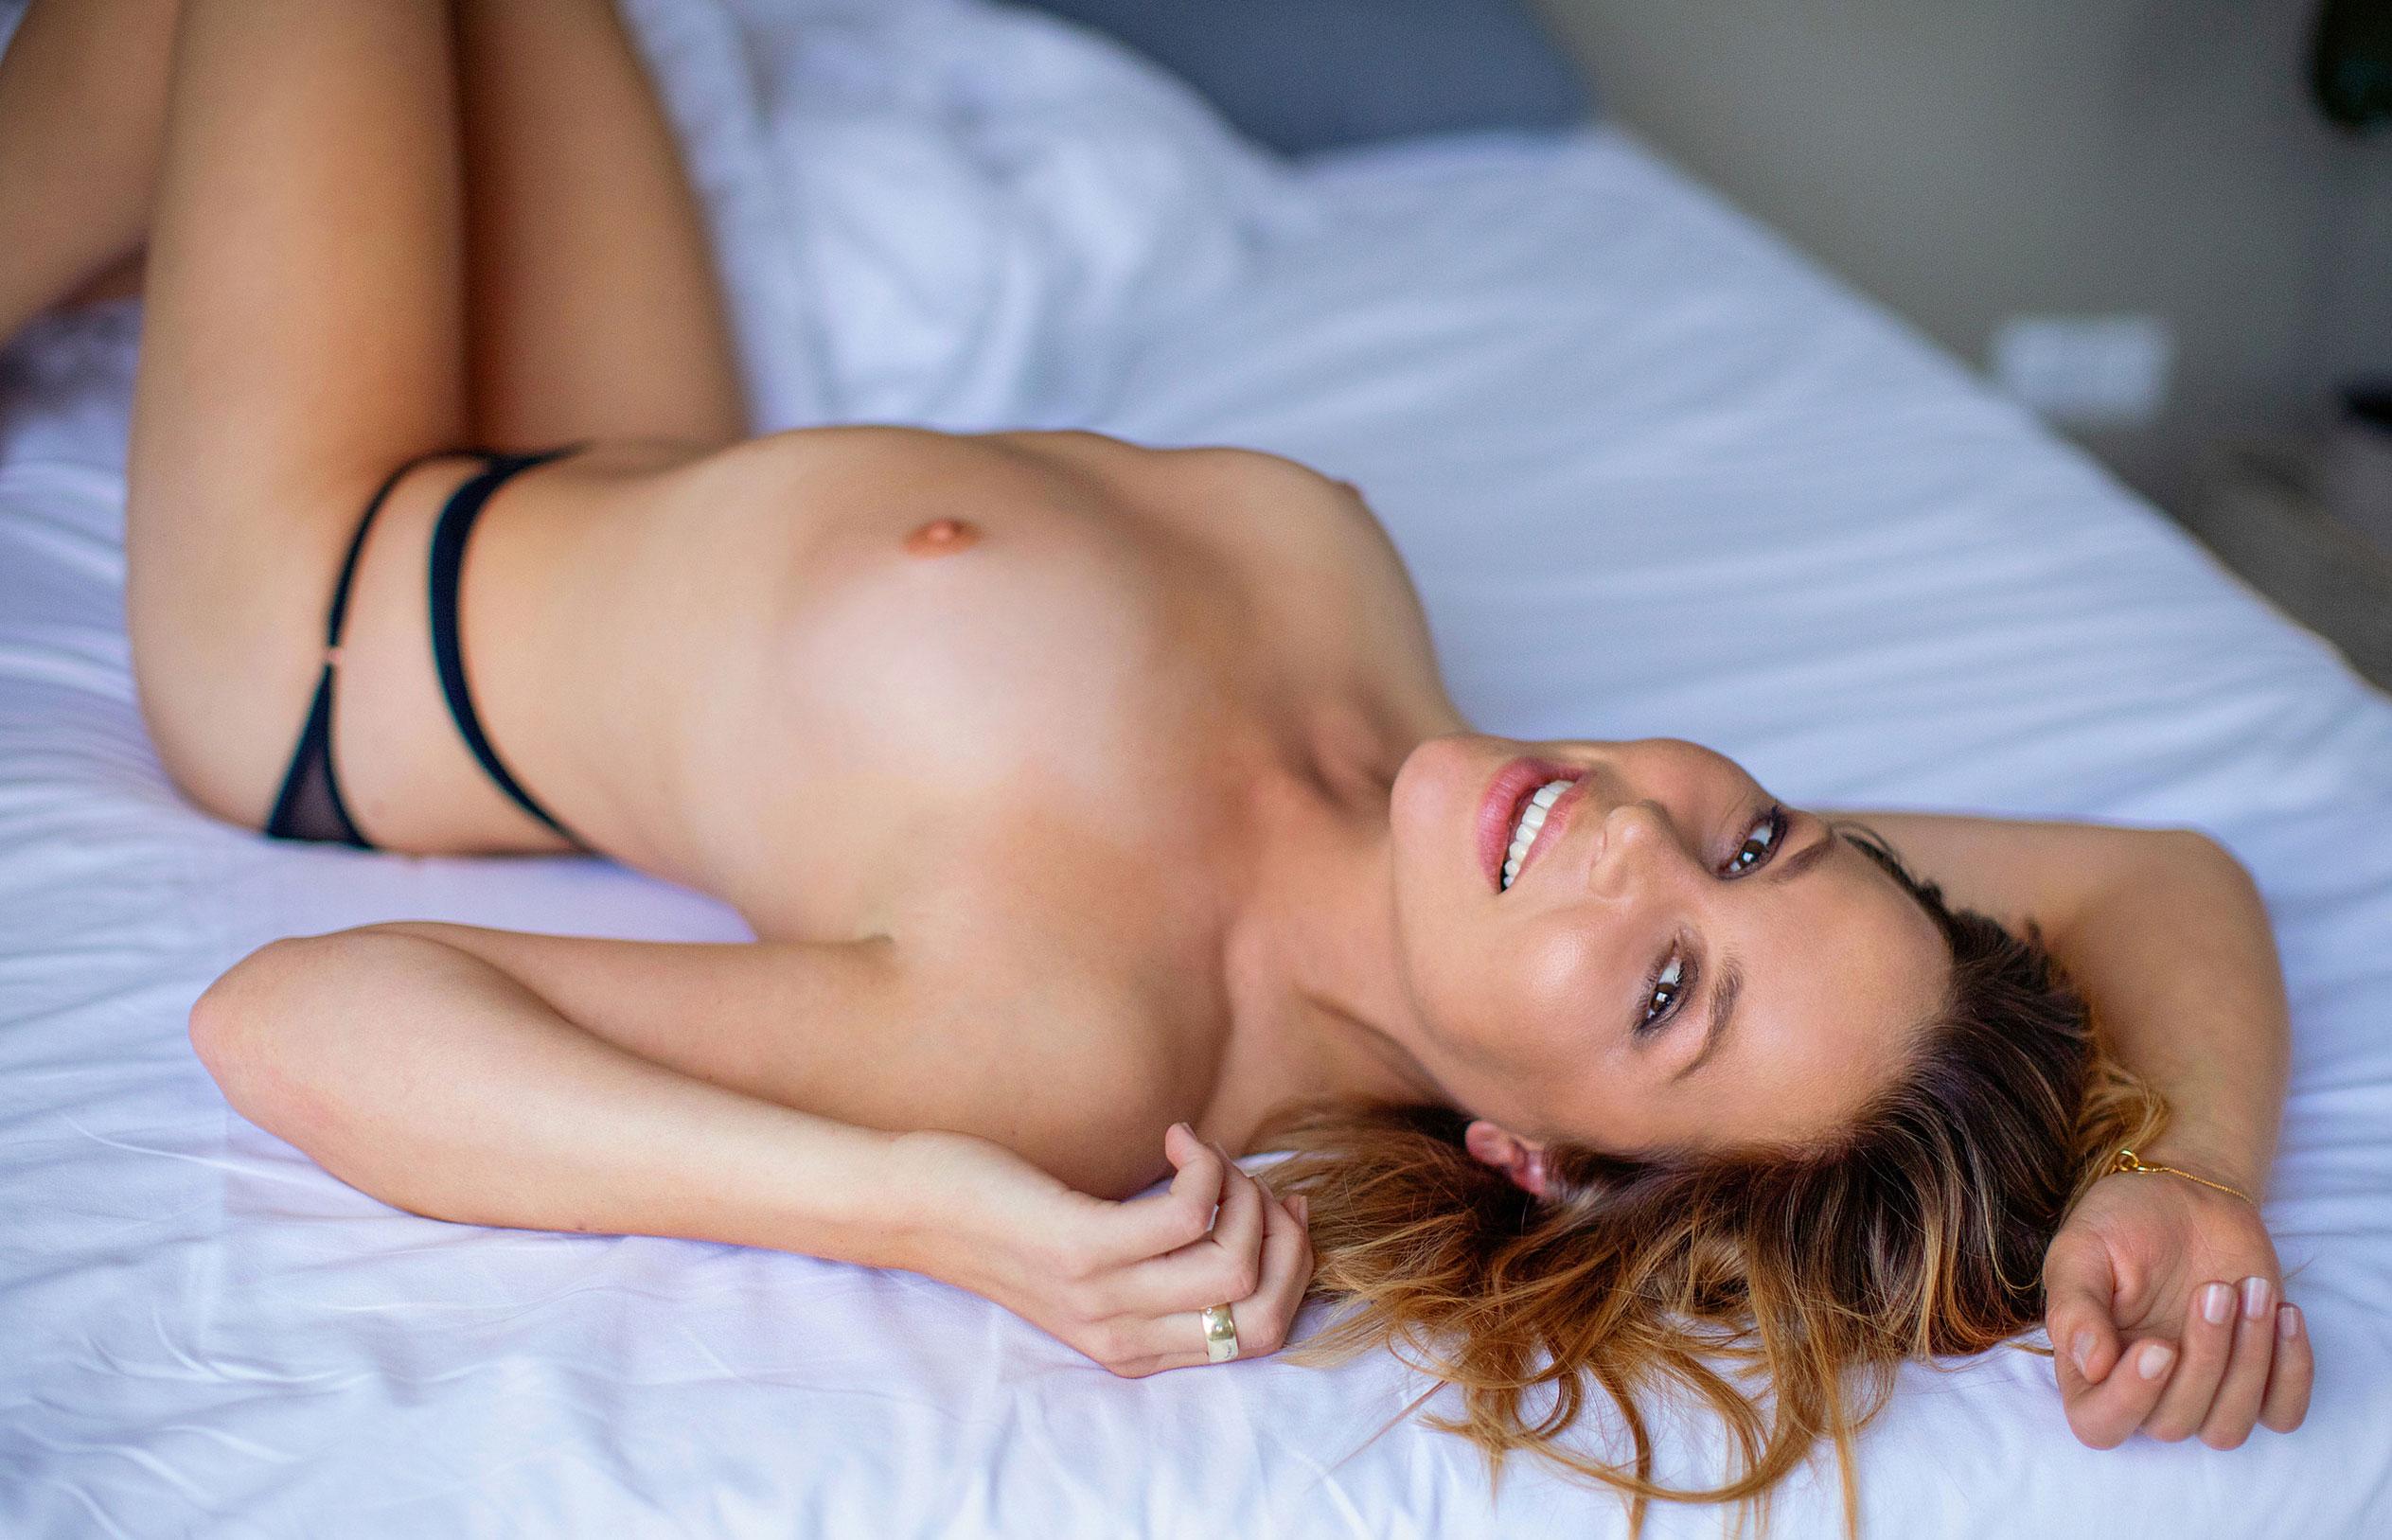 Актриса Франциска ван дер Хейде в журнале Playboy Германия, сентябрь 2020 / фото 02